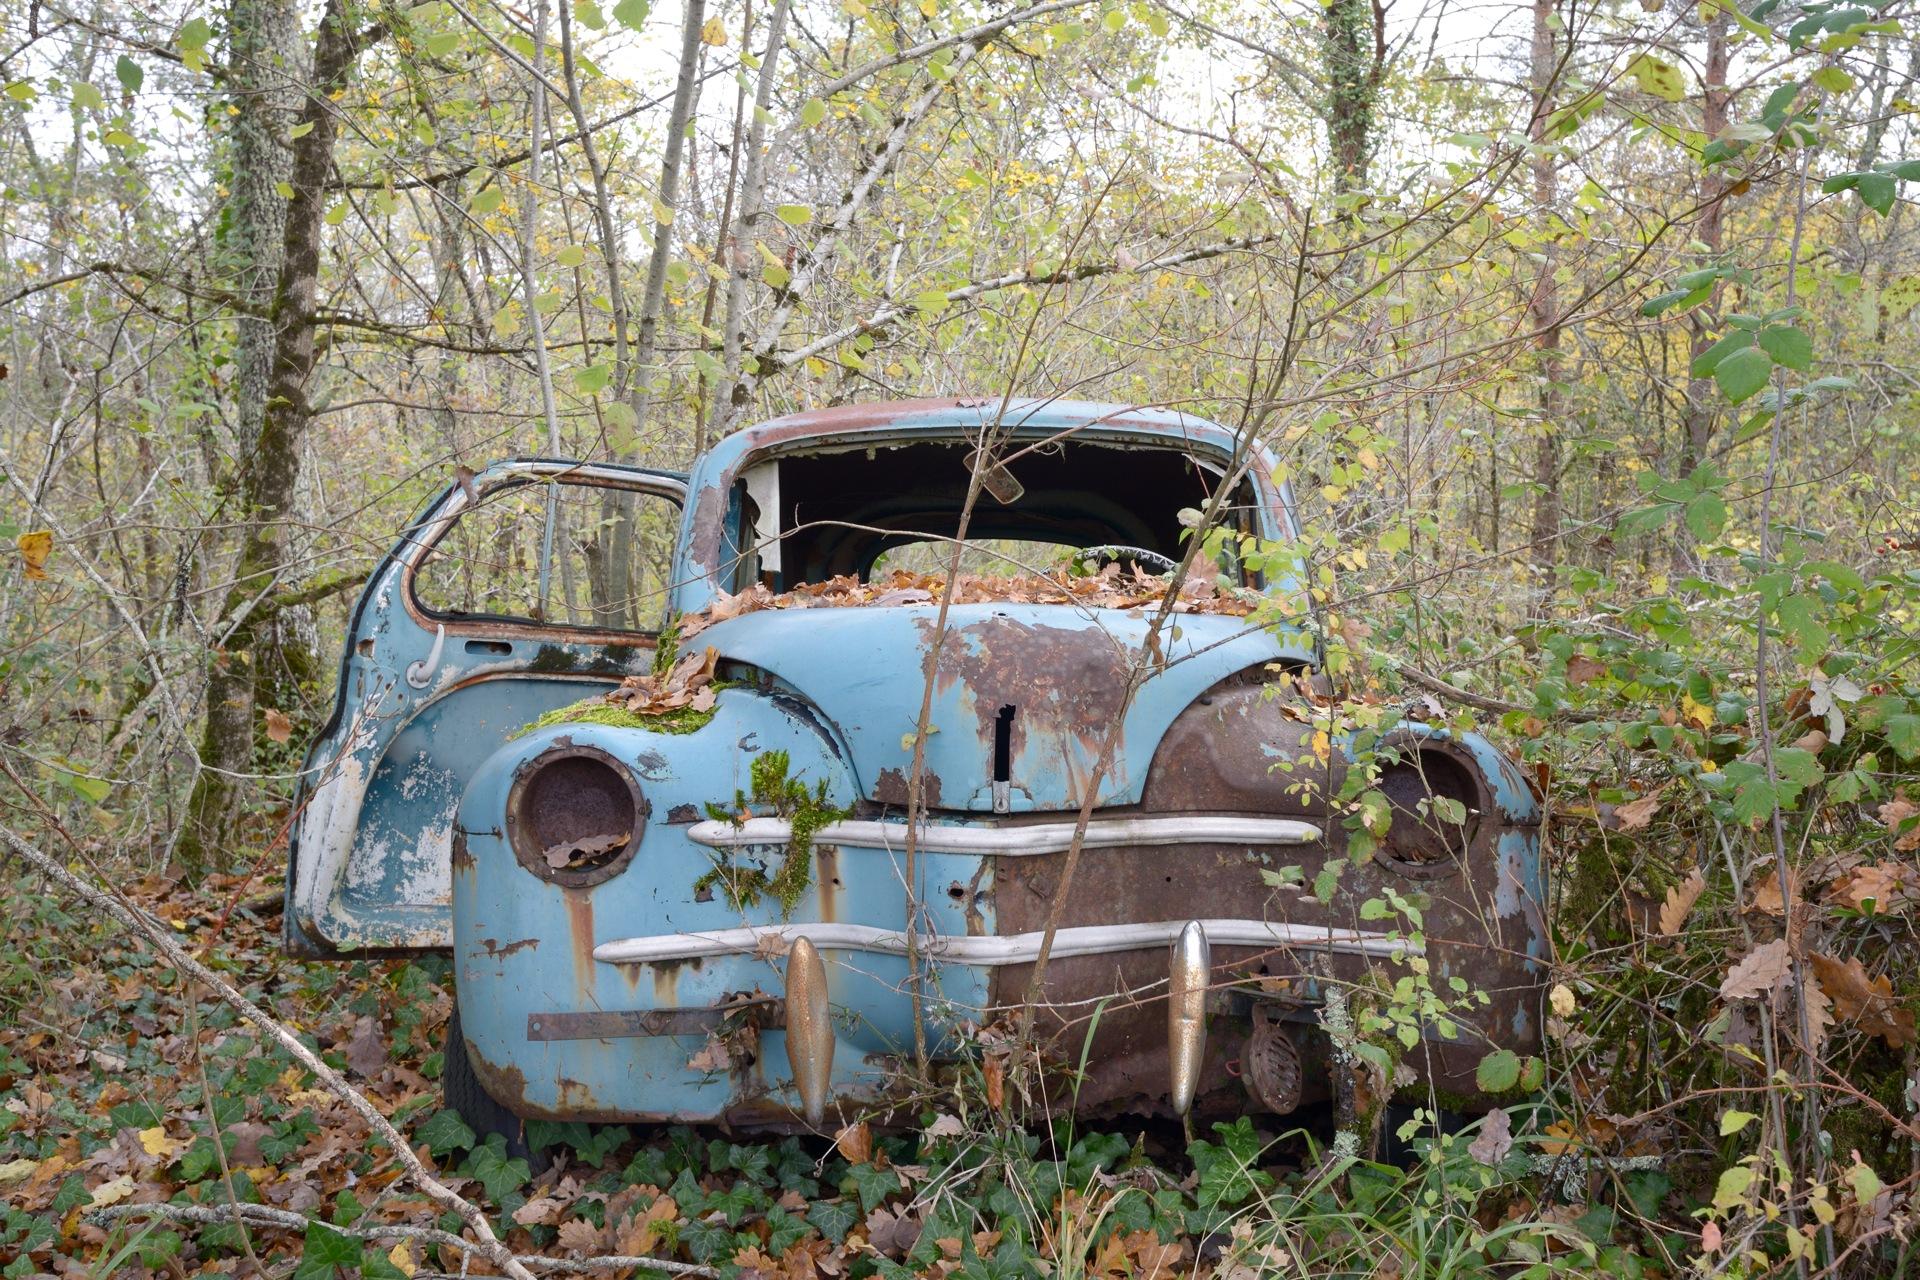 Oosterlee-voiture bleue-205780zb-1920.jpg